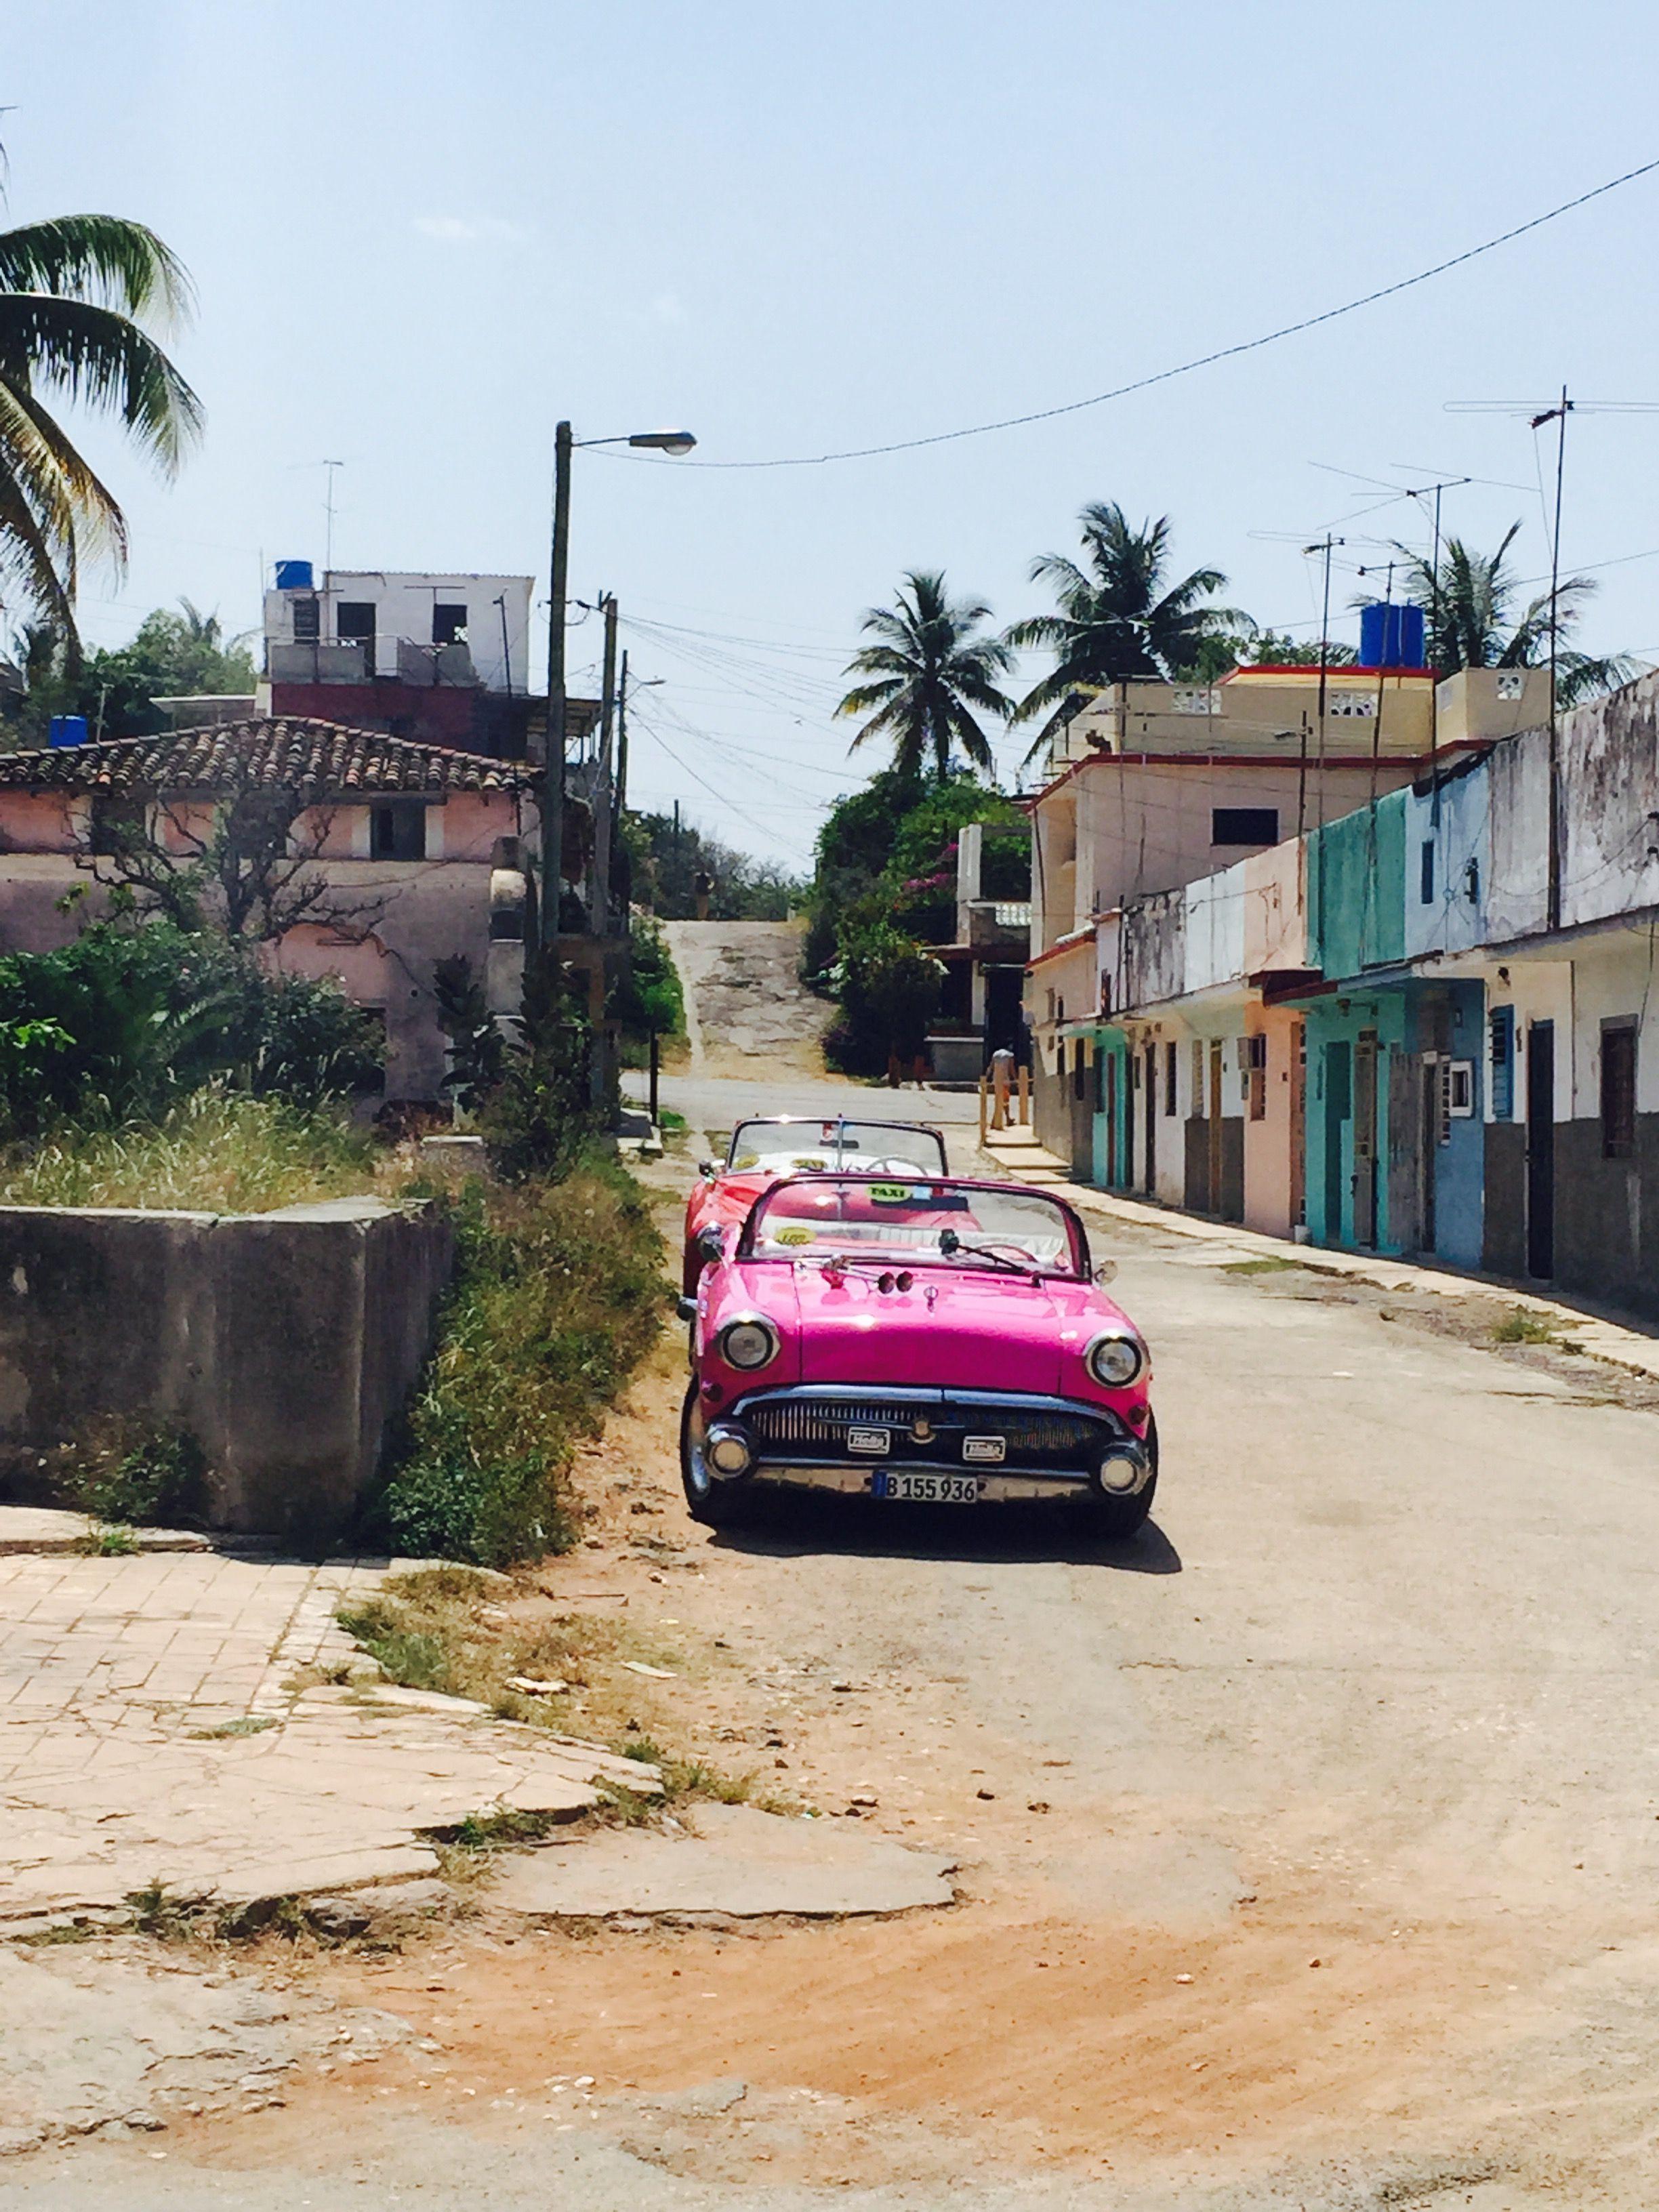 Cojimar, Cuba.